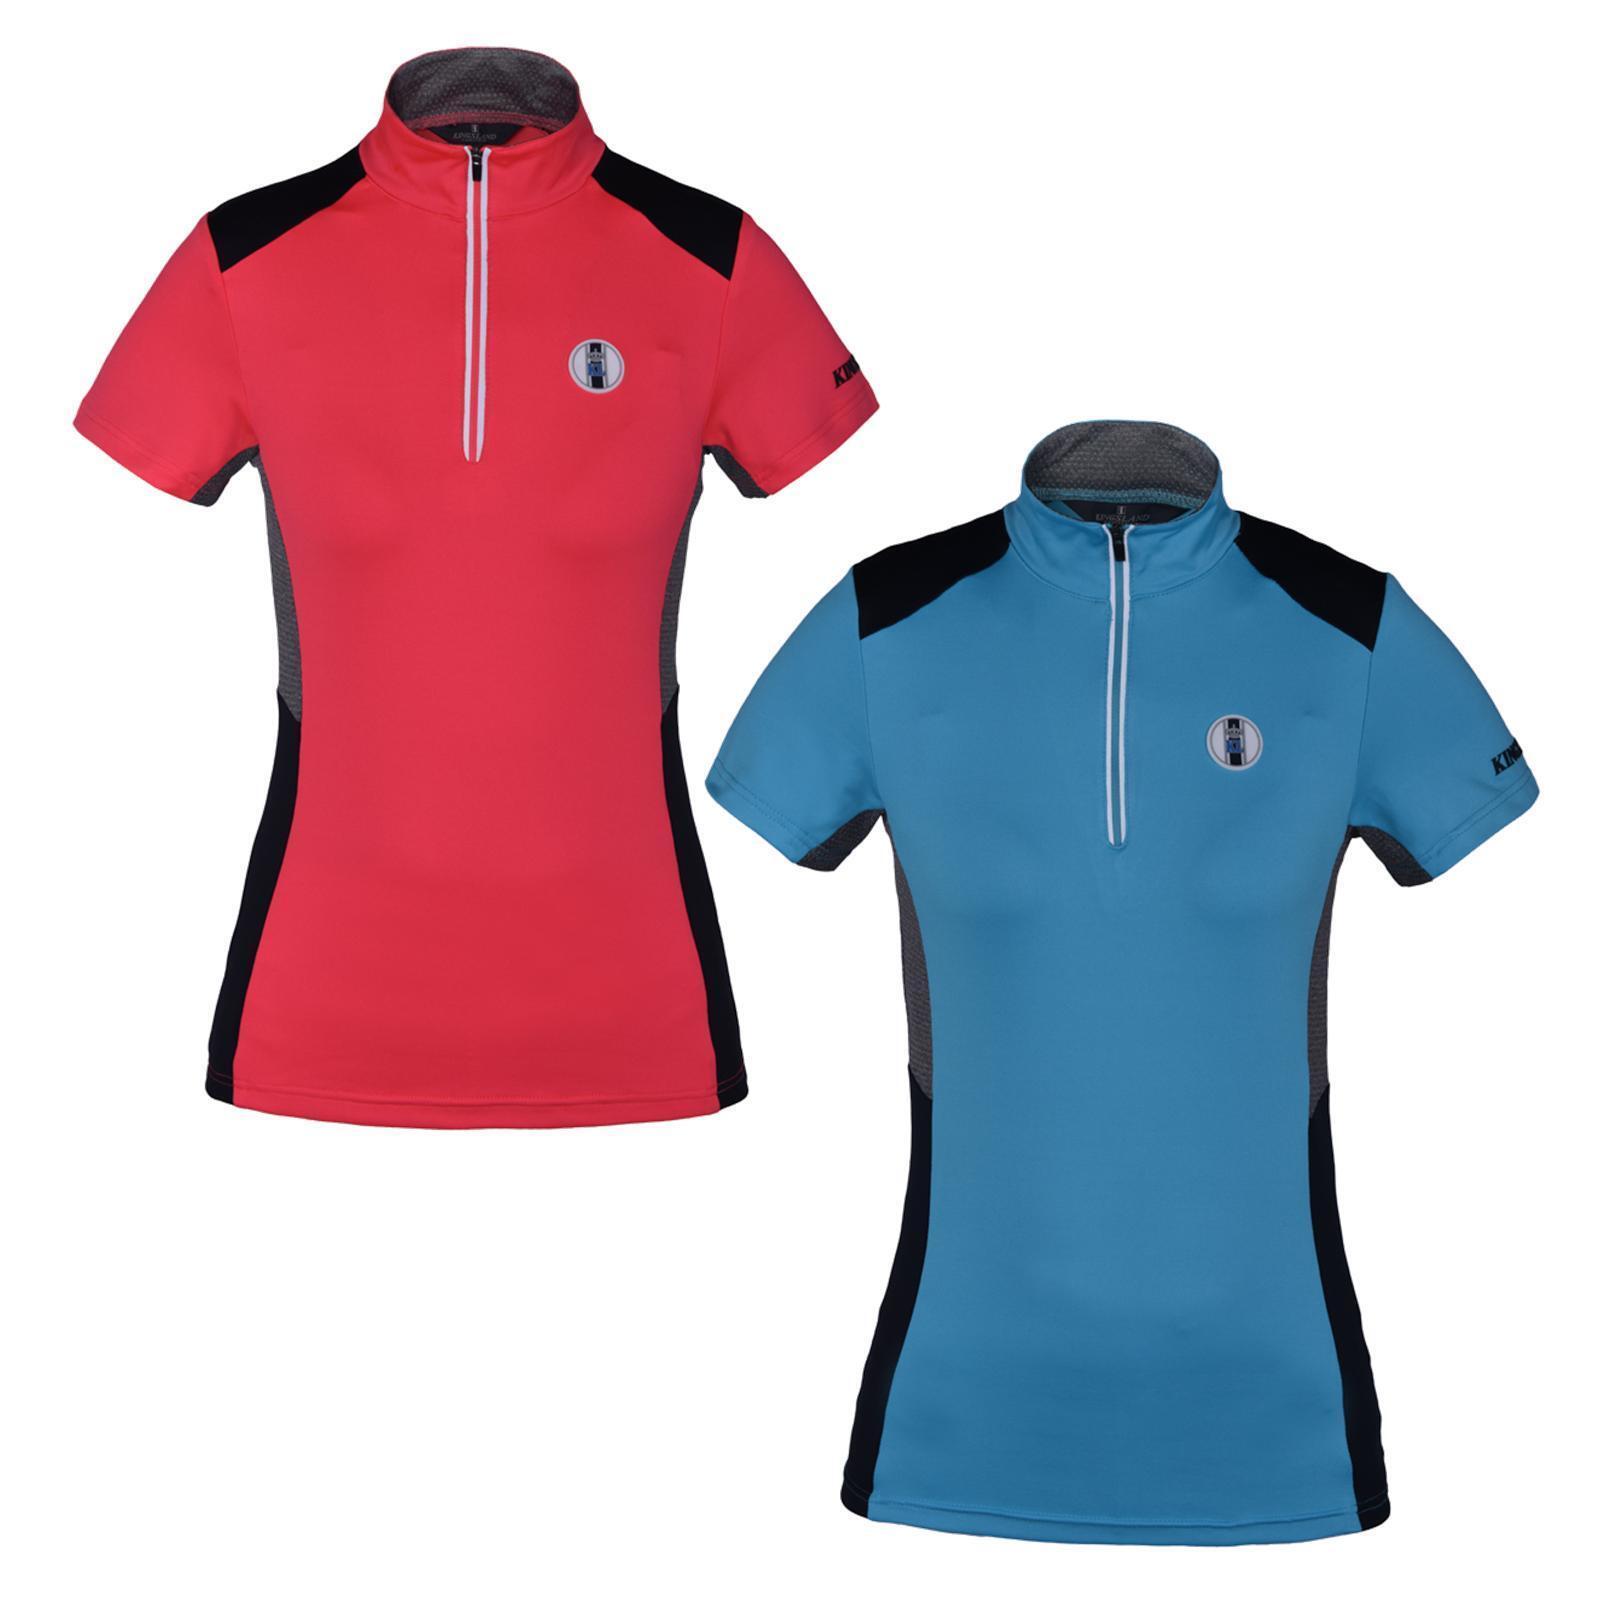 resle POLO, t-shirt  auriga  uomoiche Training Shirt per donna